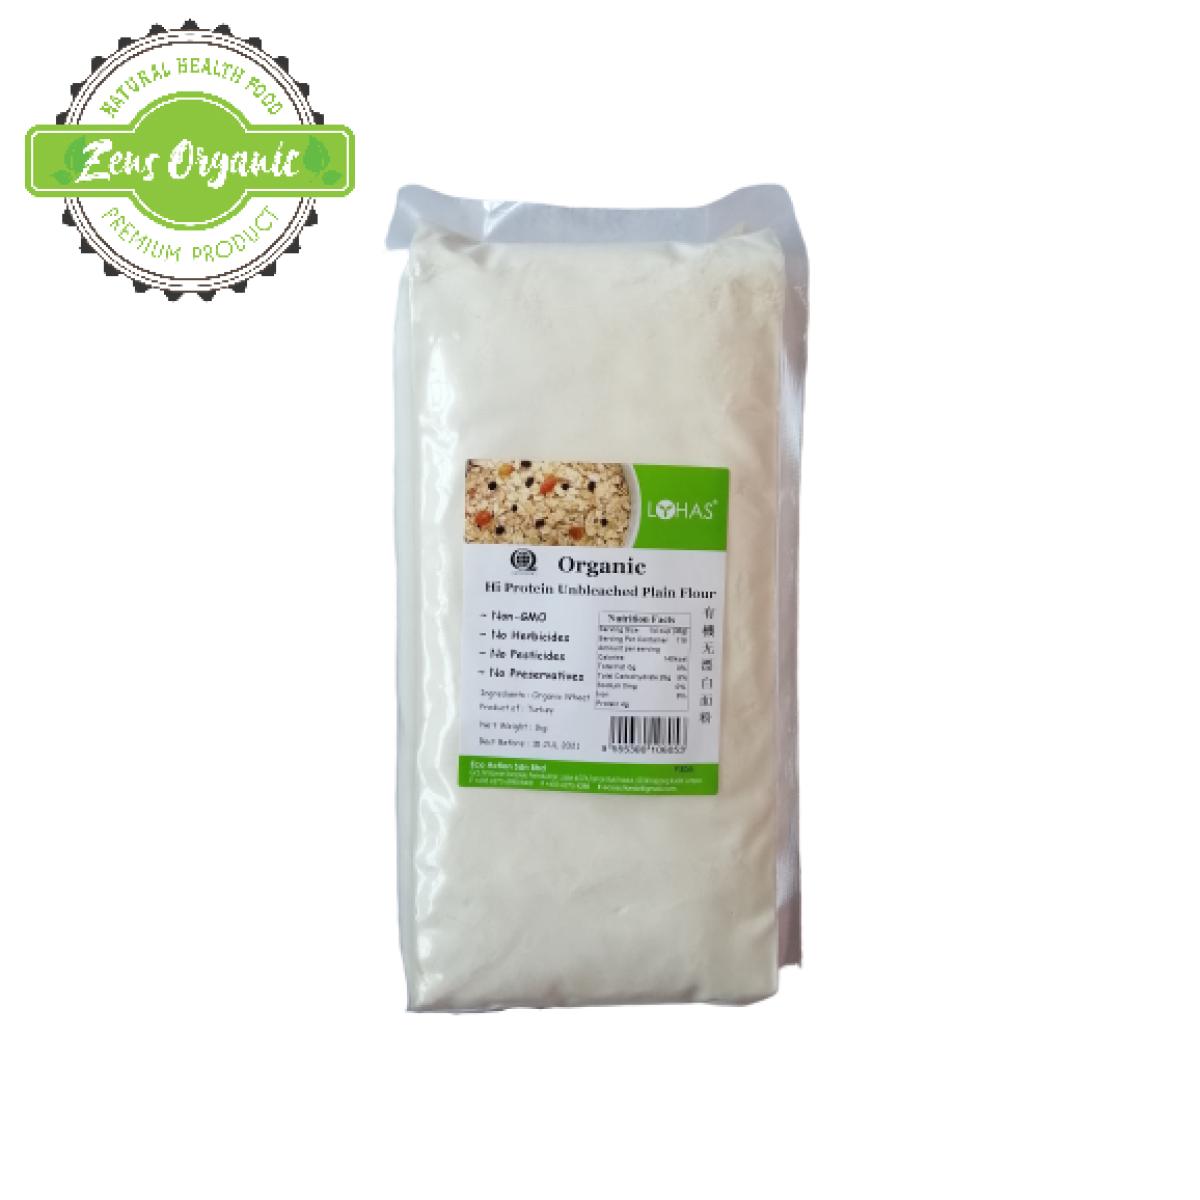 Lohas Organic High Protein Unbleached Plain Flour (Hi Protein) 1kg